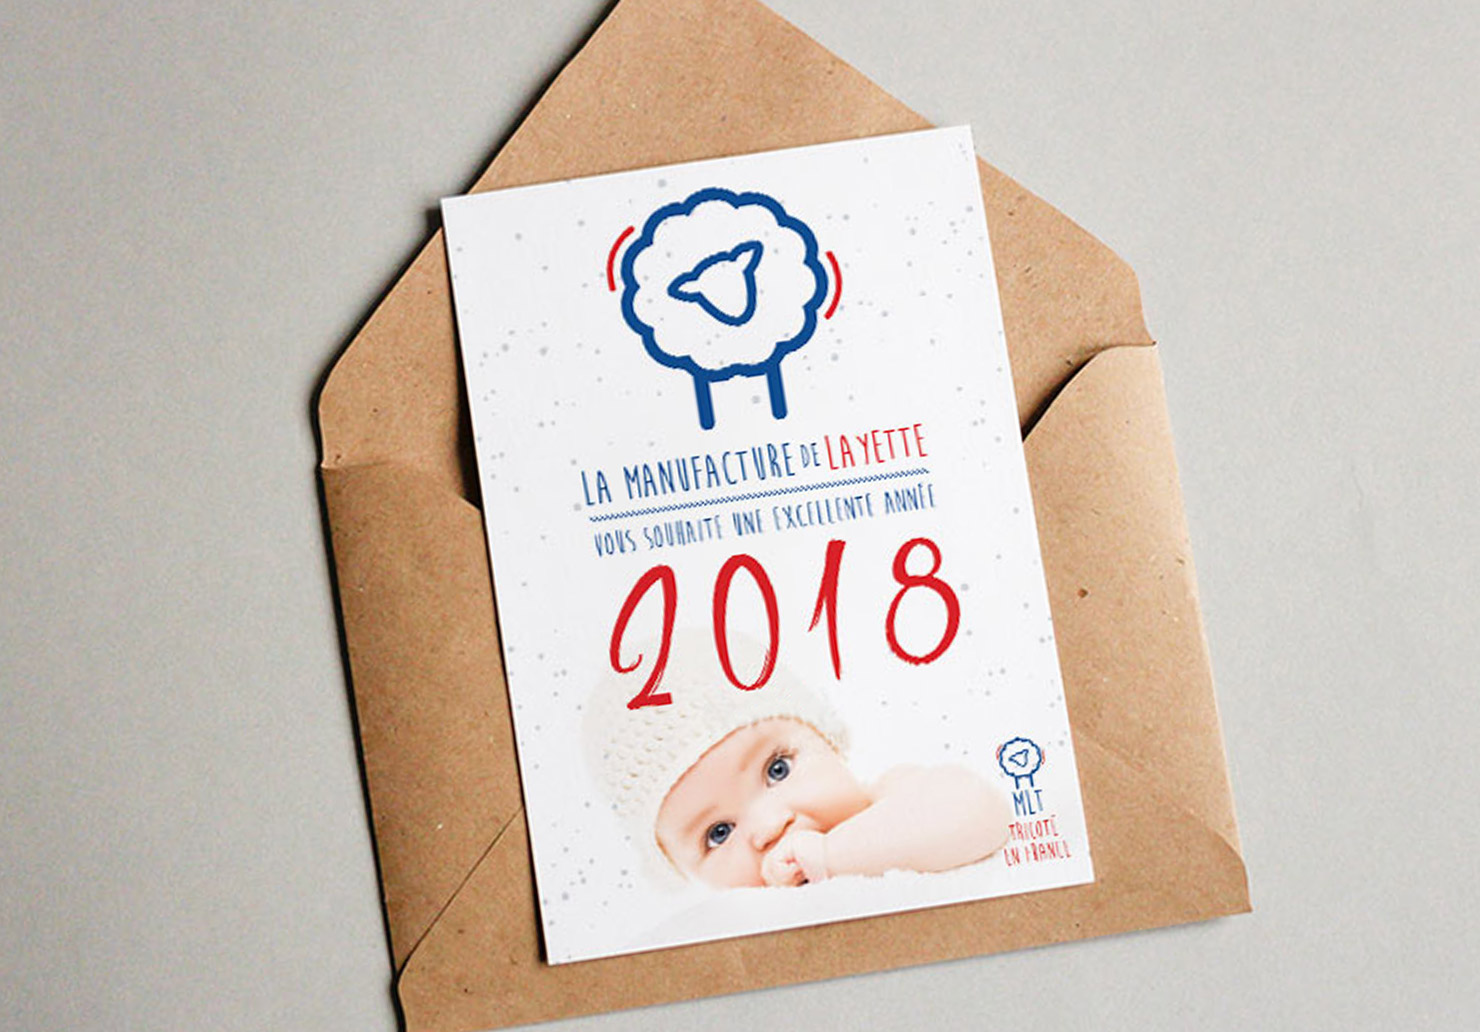 Carte de voeux La Manufacture de Layette - Création de cartes de voeux par Emilie Le Béhérec, graphiste freelance spécialisée dans le domaine de l'enfance